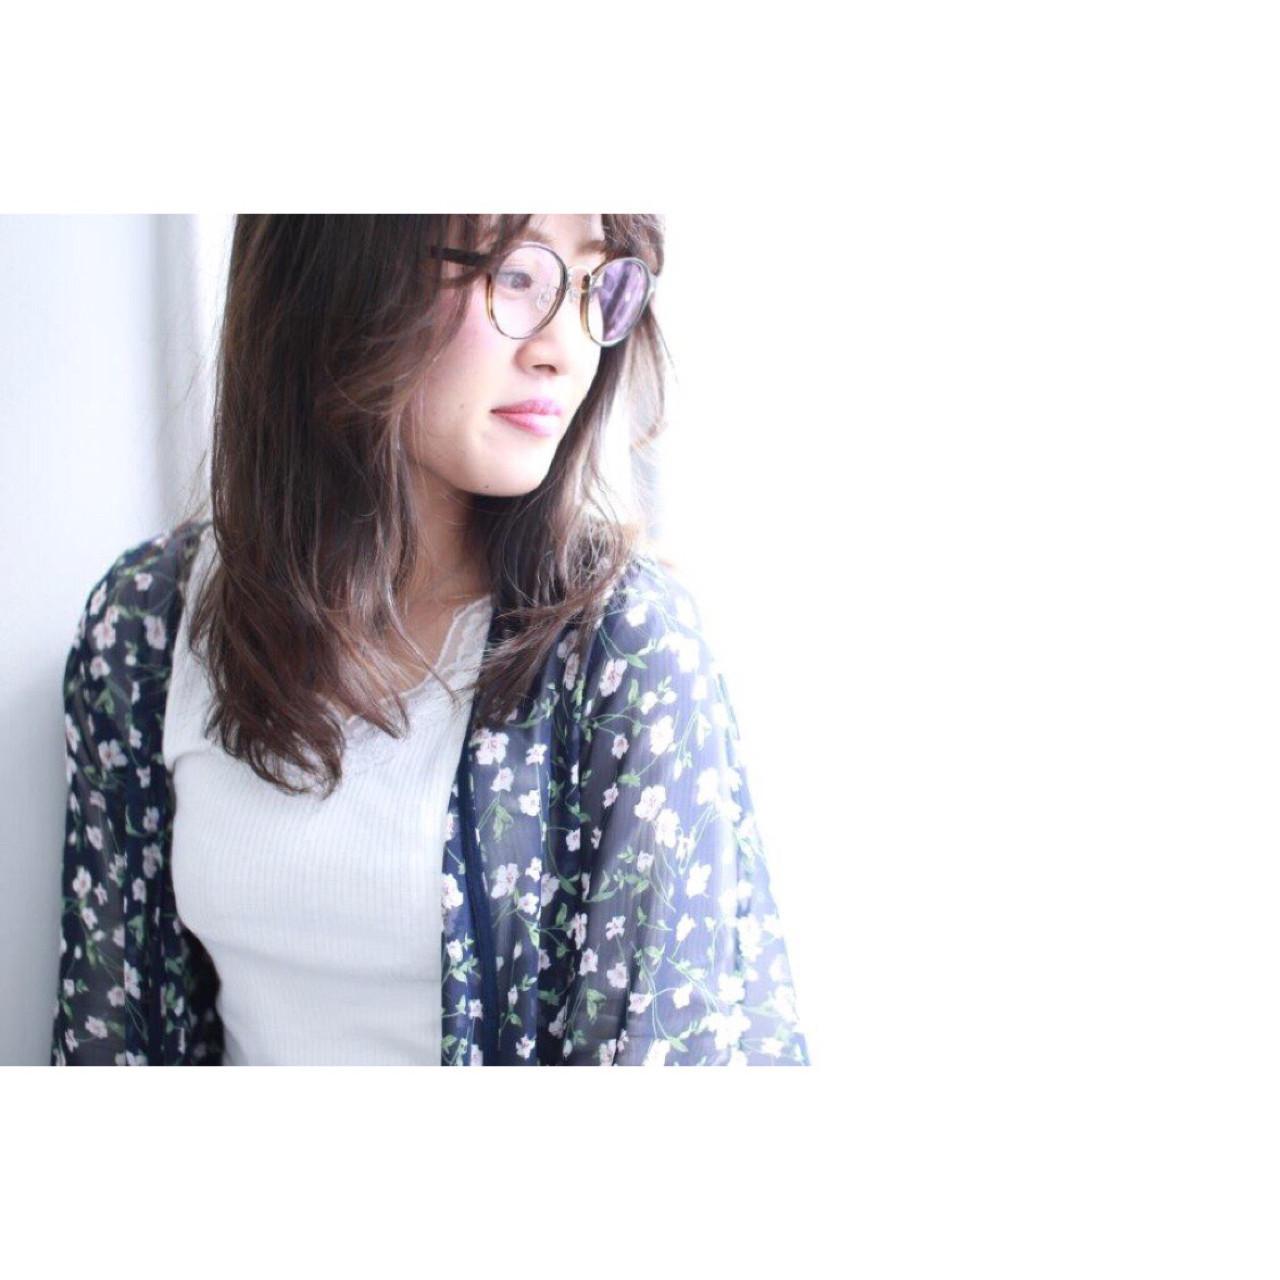 大人女子 透明感 セミロング スモーキーカラー ヘアスタイルや髪型の写真・画像 | Yumi Hiramatsu / Sourire Imaizumi【スーリール イマイズミ】